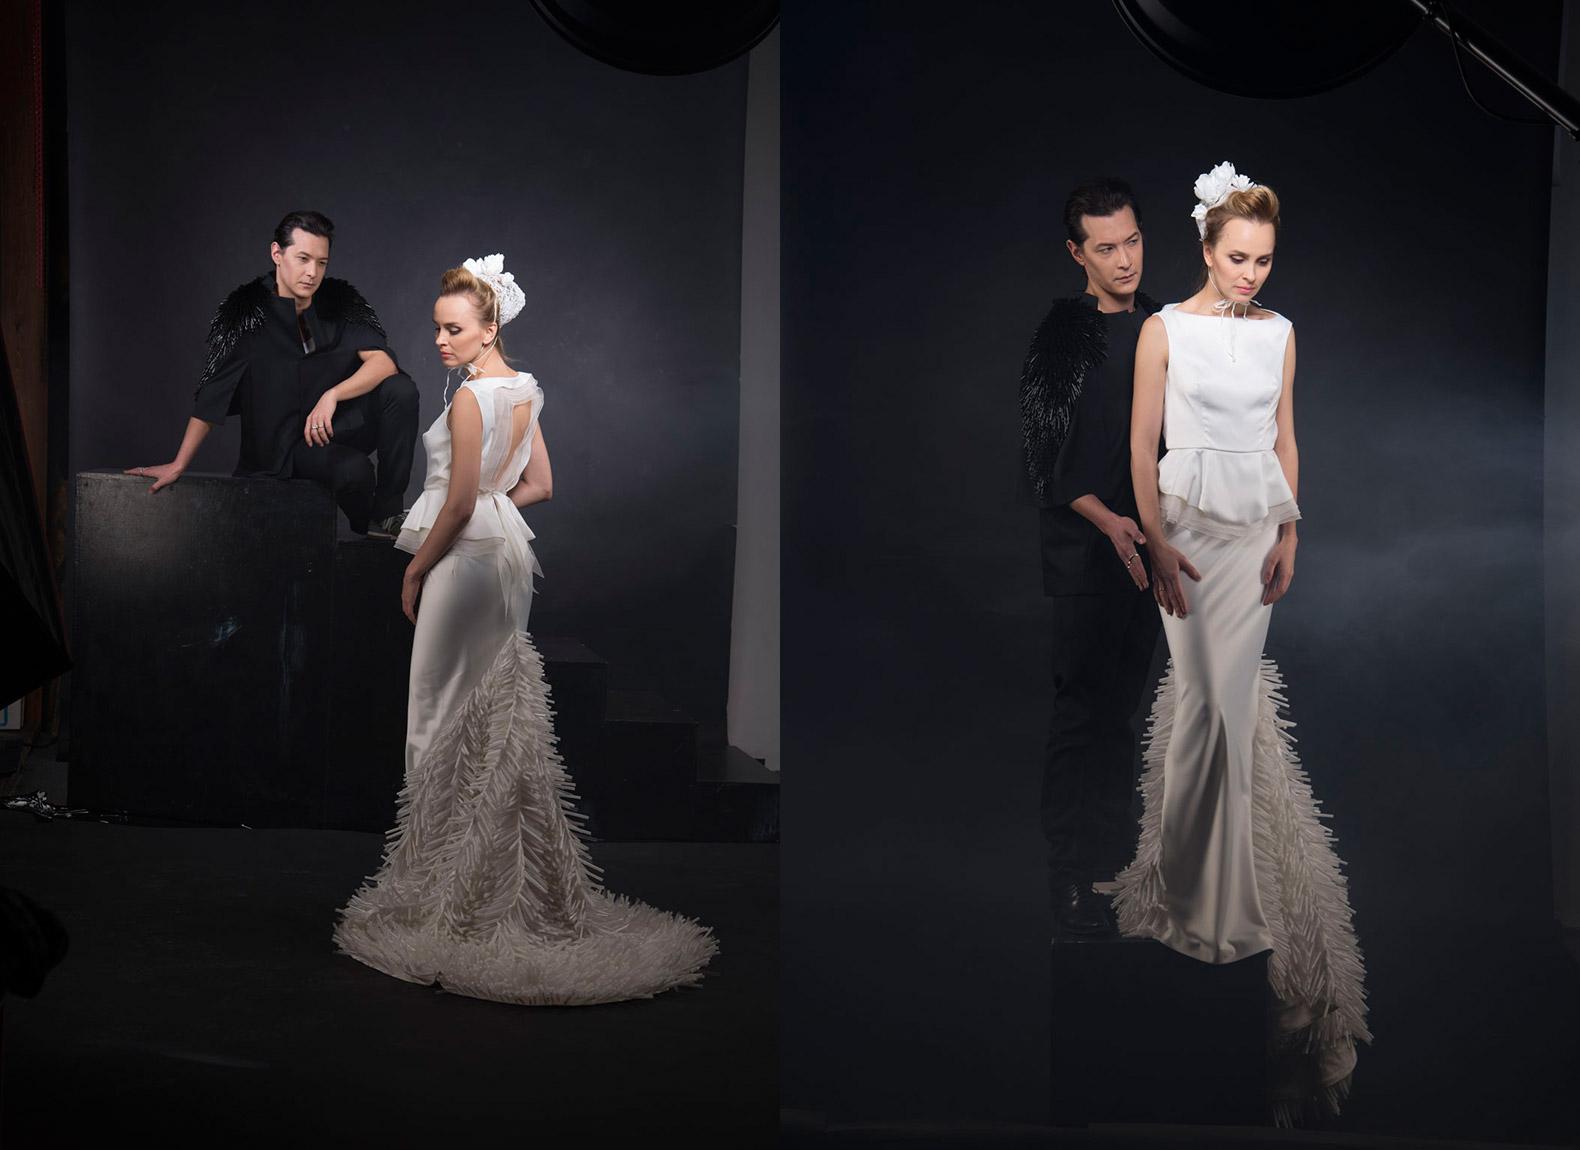 Fashion_spot_russia_bistrova_frandetti_fsr1.jpg